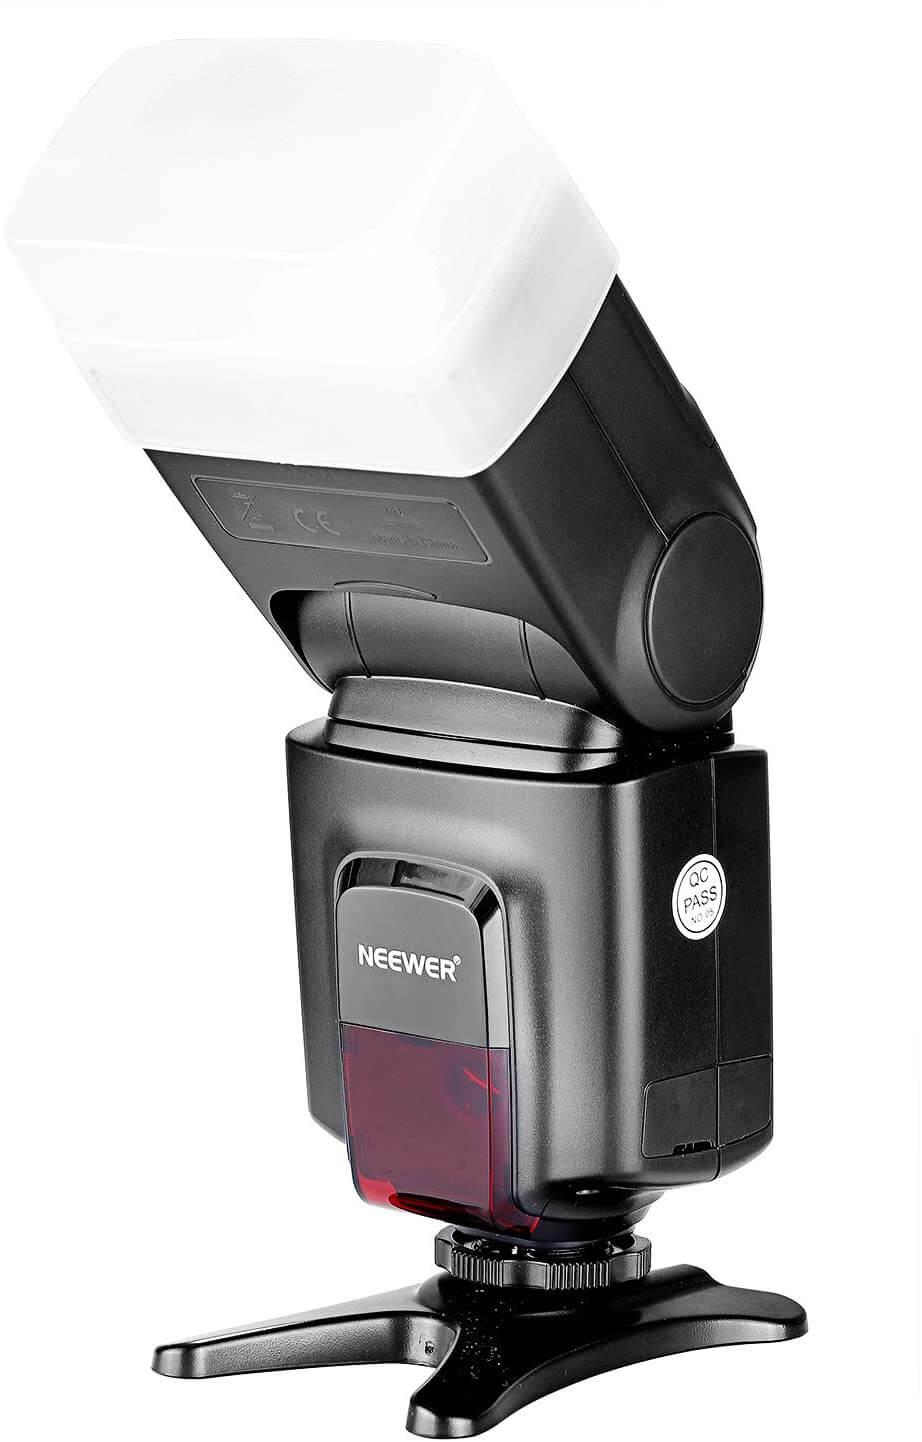 Neewer TT560 Speedlite Flash Diffuser